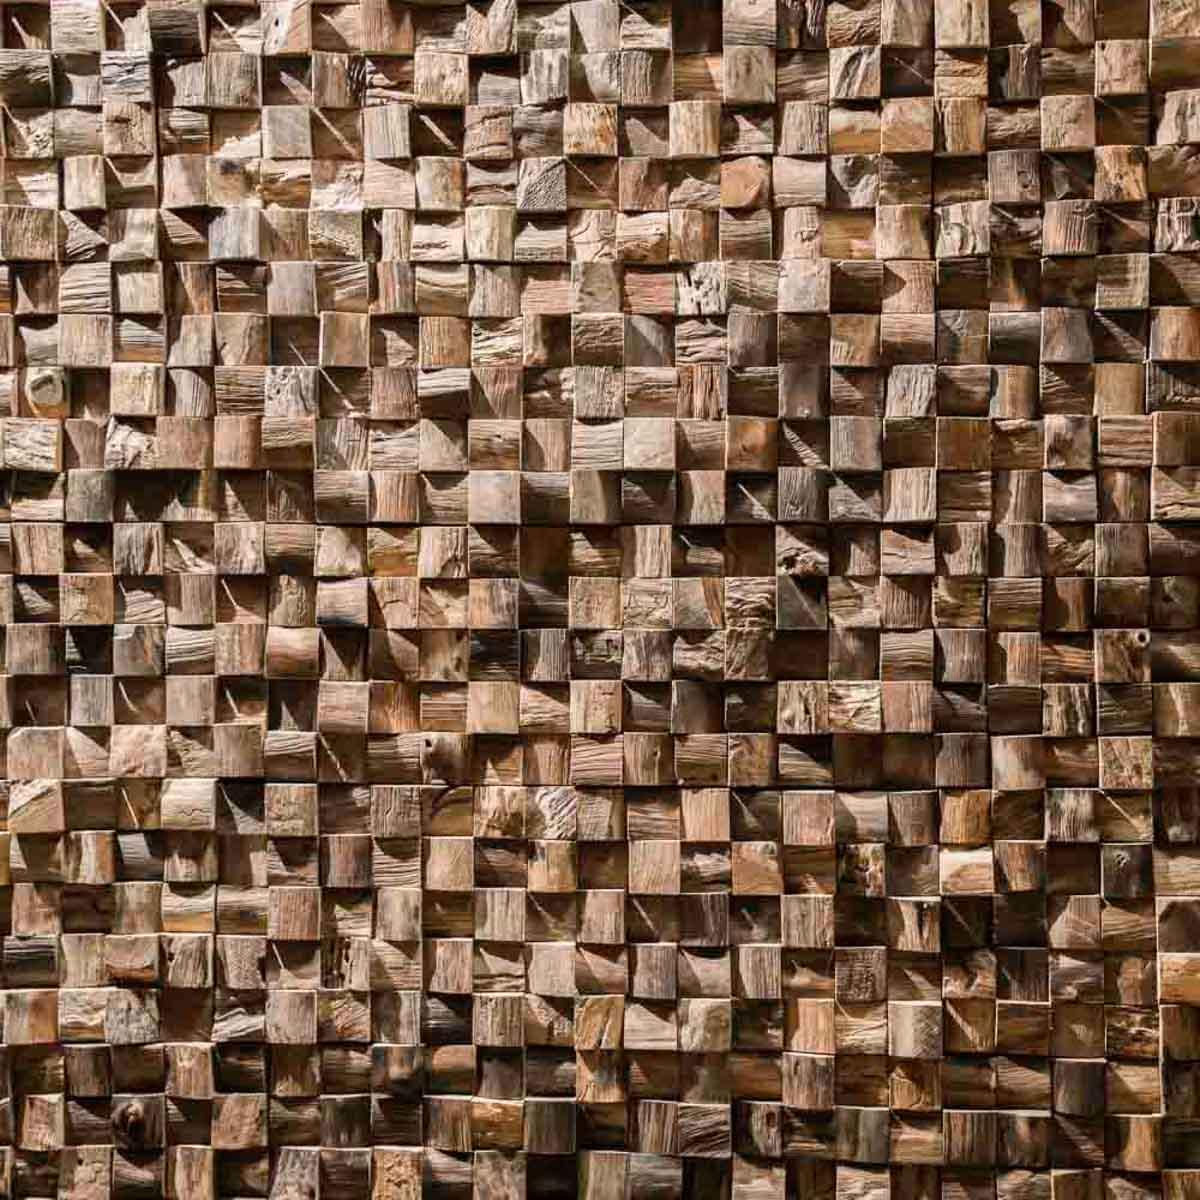 Habillage Bois Interieur : habillage mur int?rieur bois